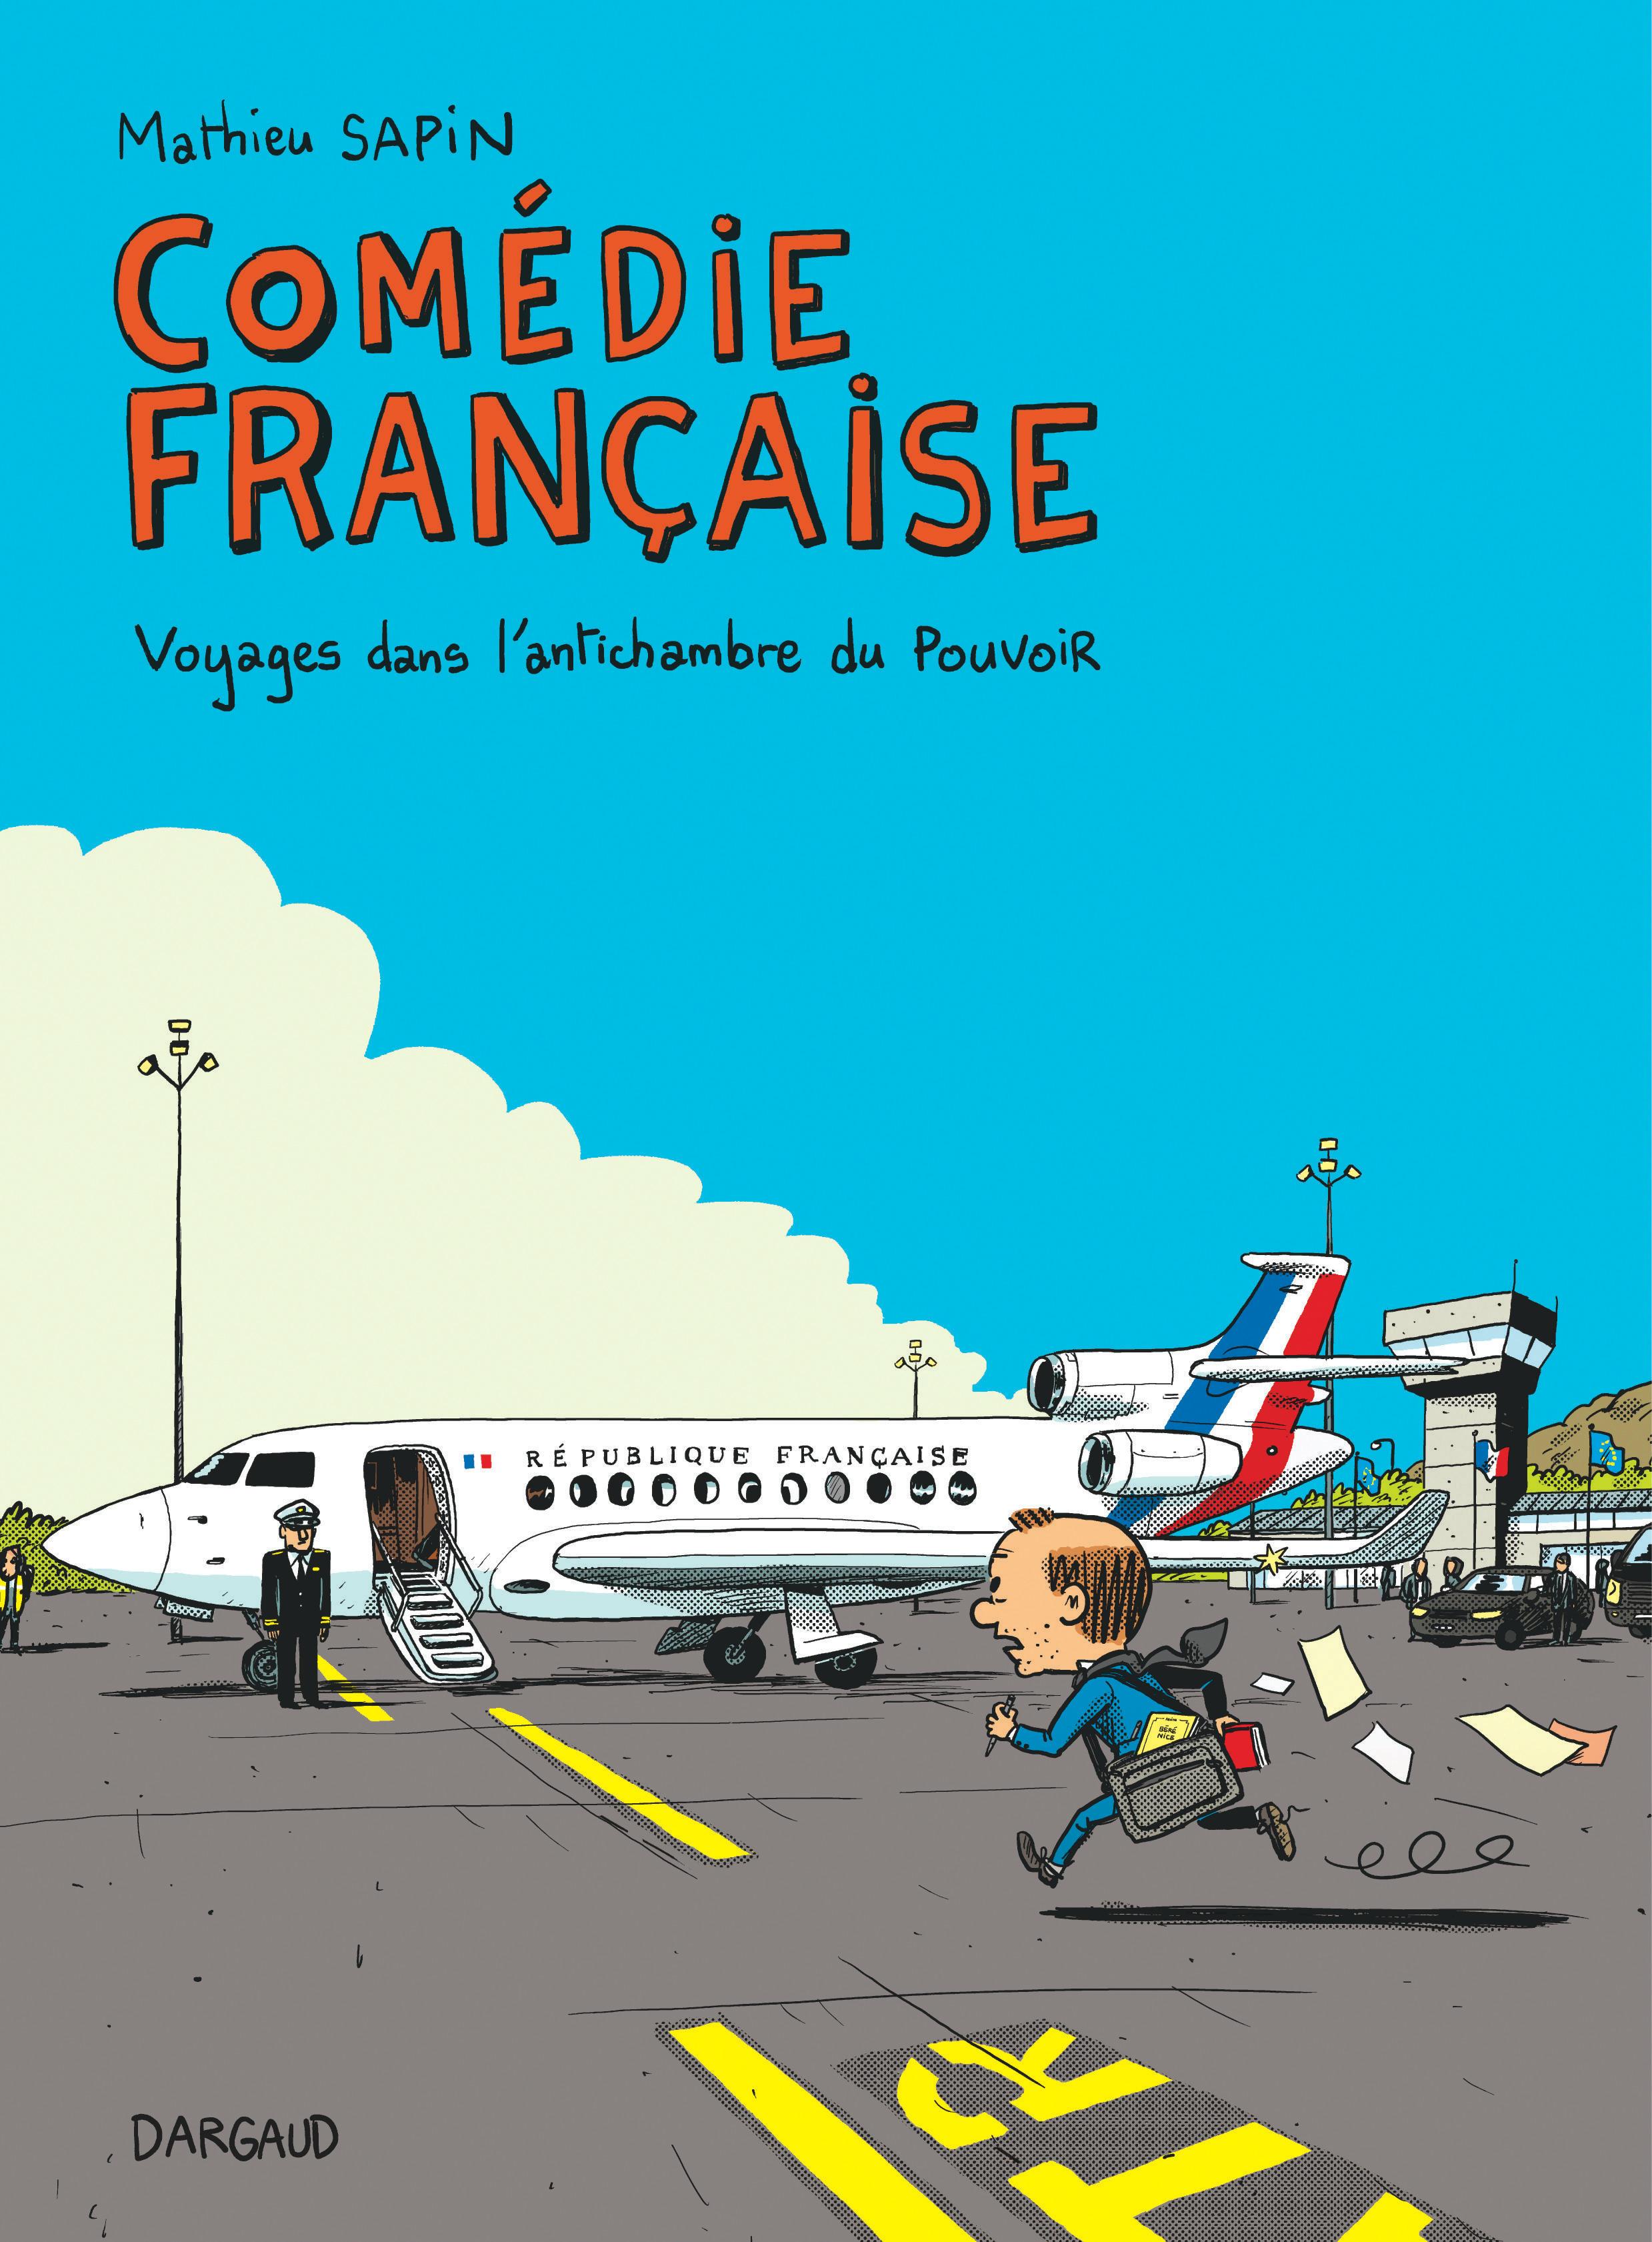 Comédie française, voyages dans l'antichambre du pouvoir 1